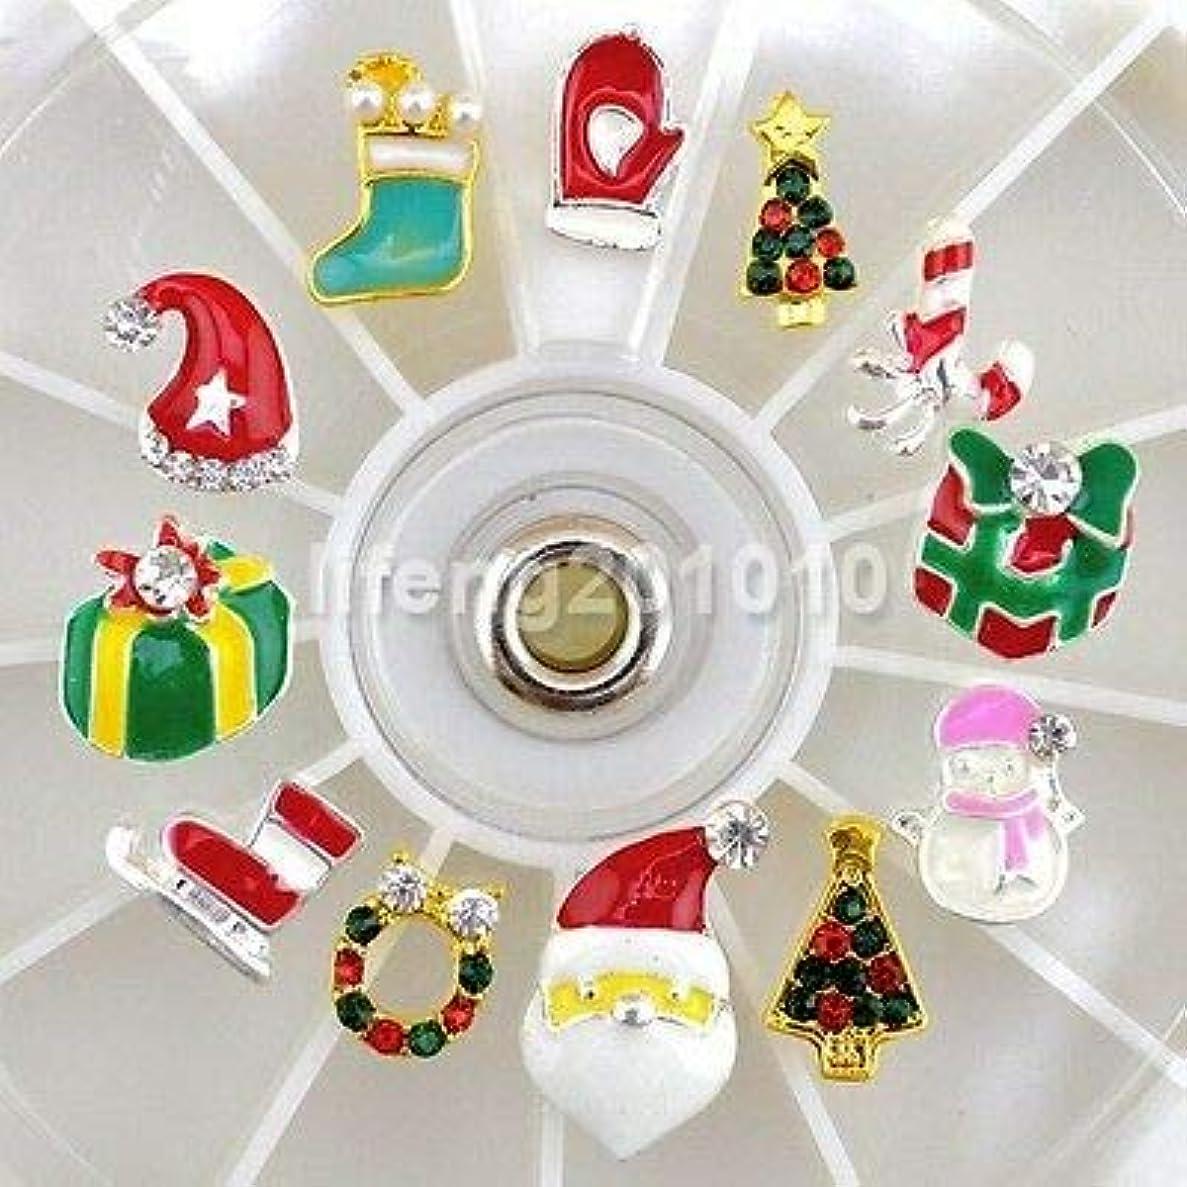 換気相反する変化FidgetGear クリスマスデザインメタルネイルアートデコレーションツール合金ラインストーンデカールホイール